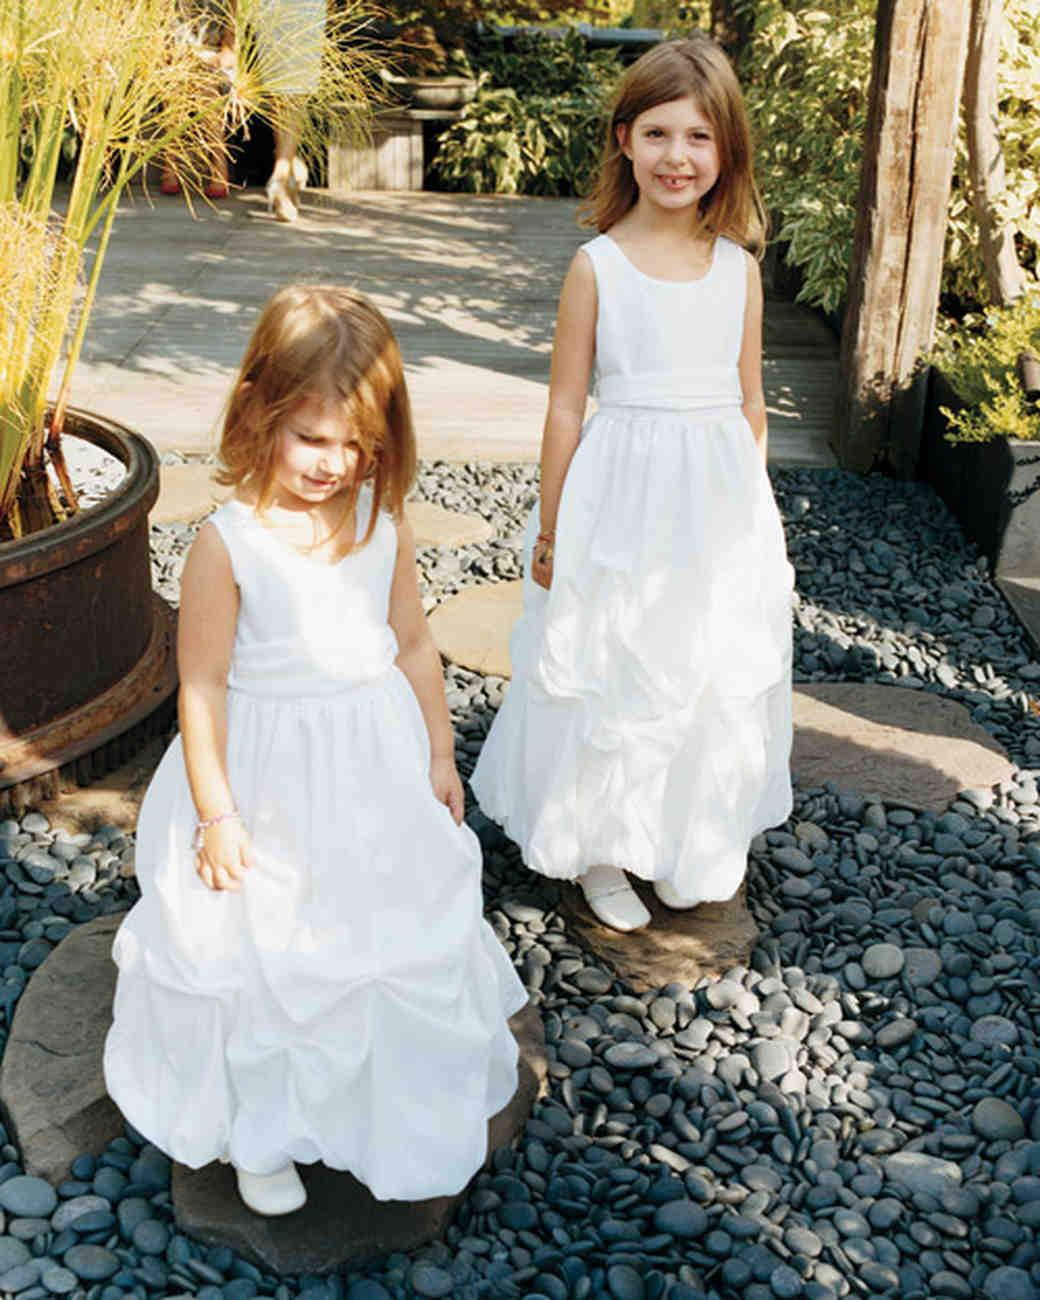 mwa104329_spr10_flowergirls.jpg